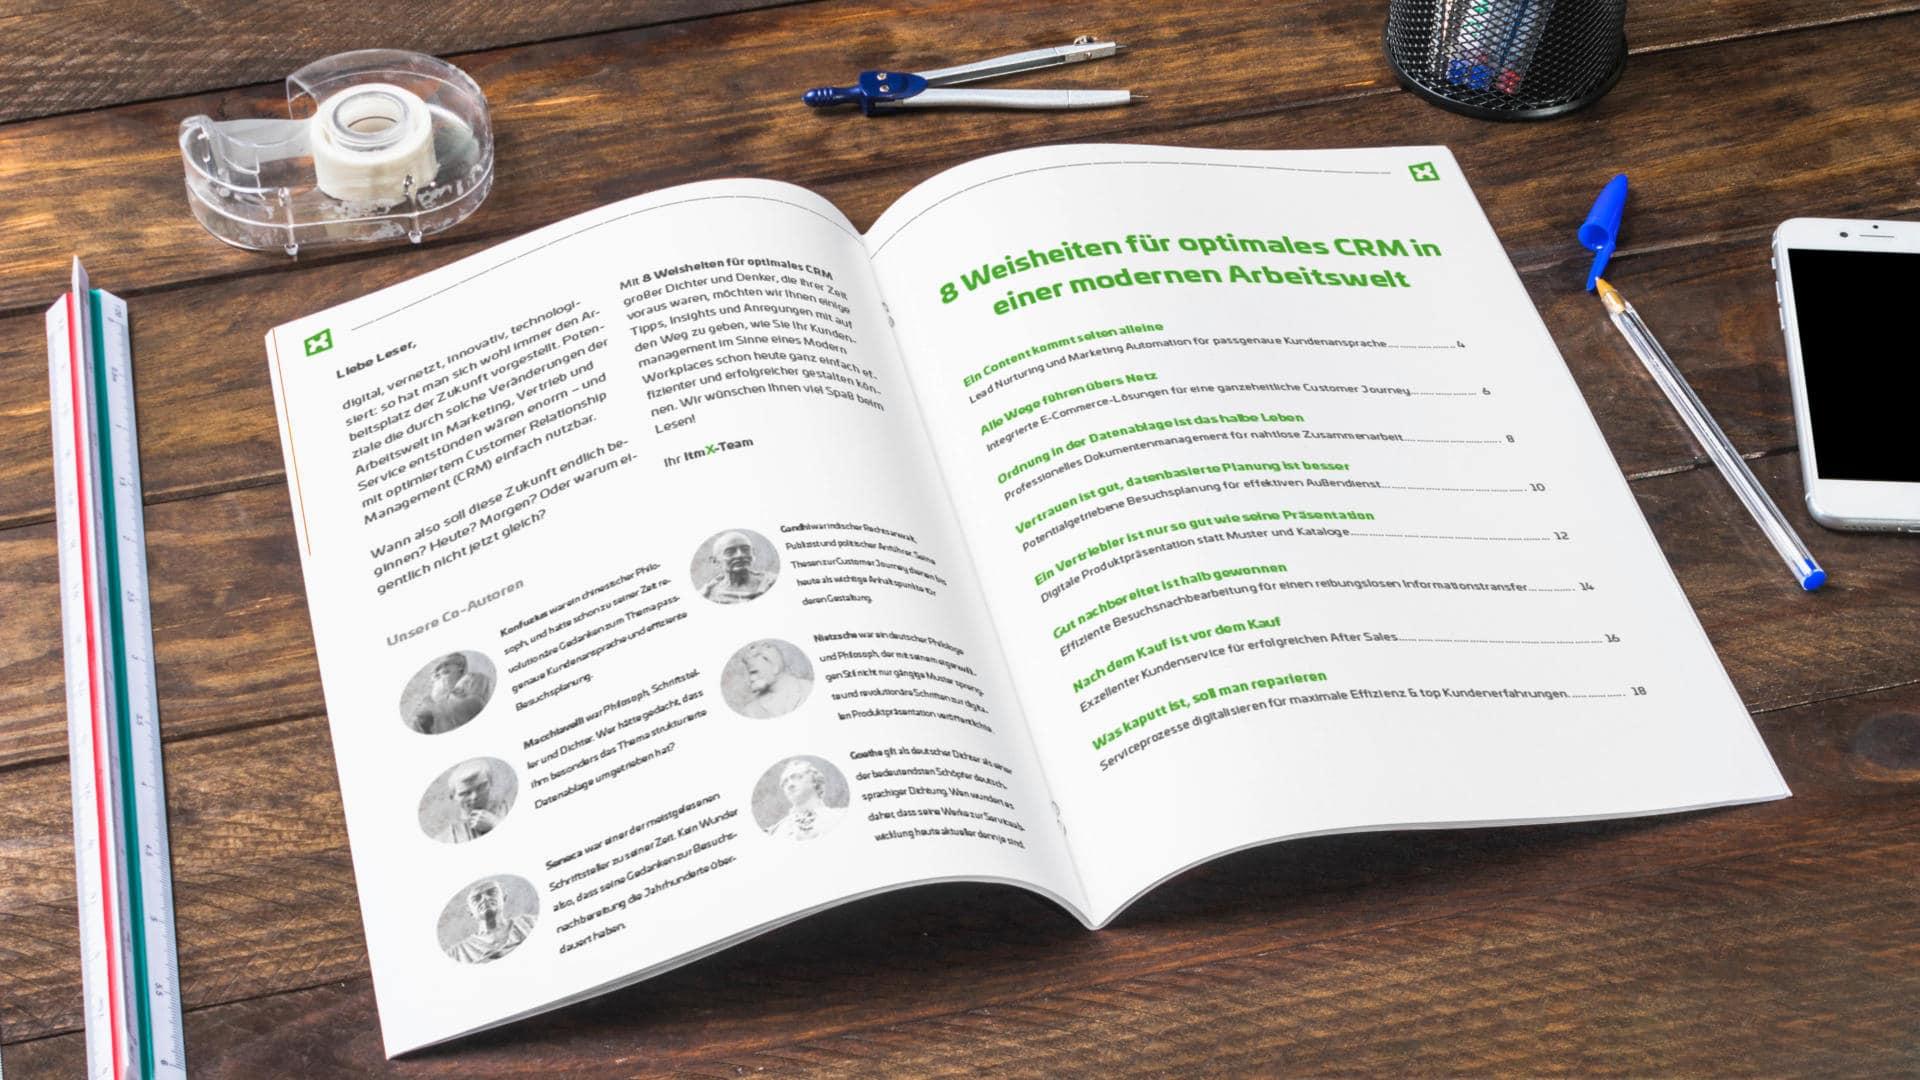 E-Book itmX: 8 Weisheiten für optimales CRM in einer modernen Arbeitswelt; Zeitschrift aufgeschlagen